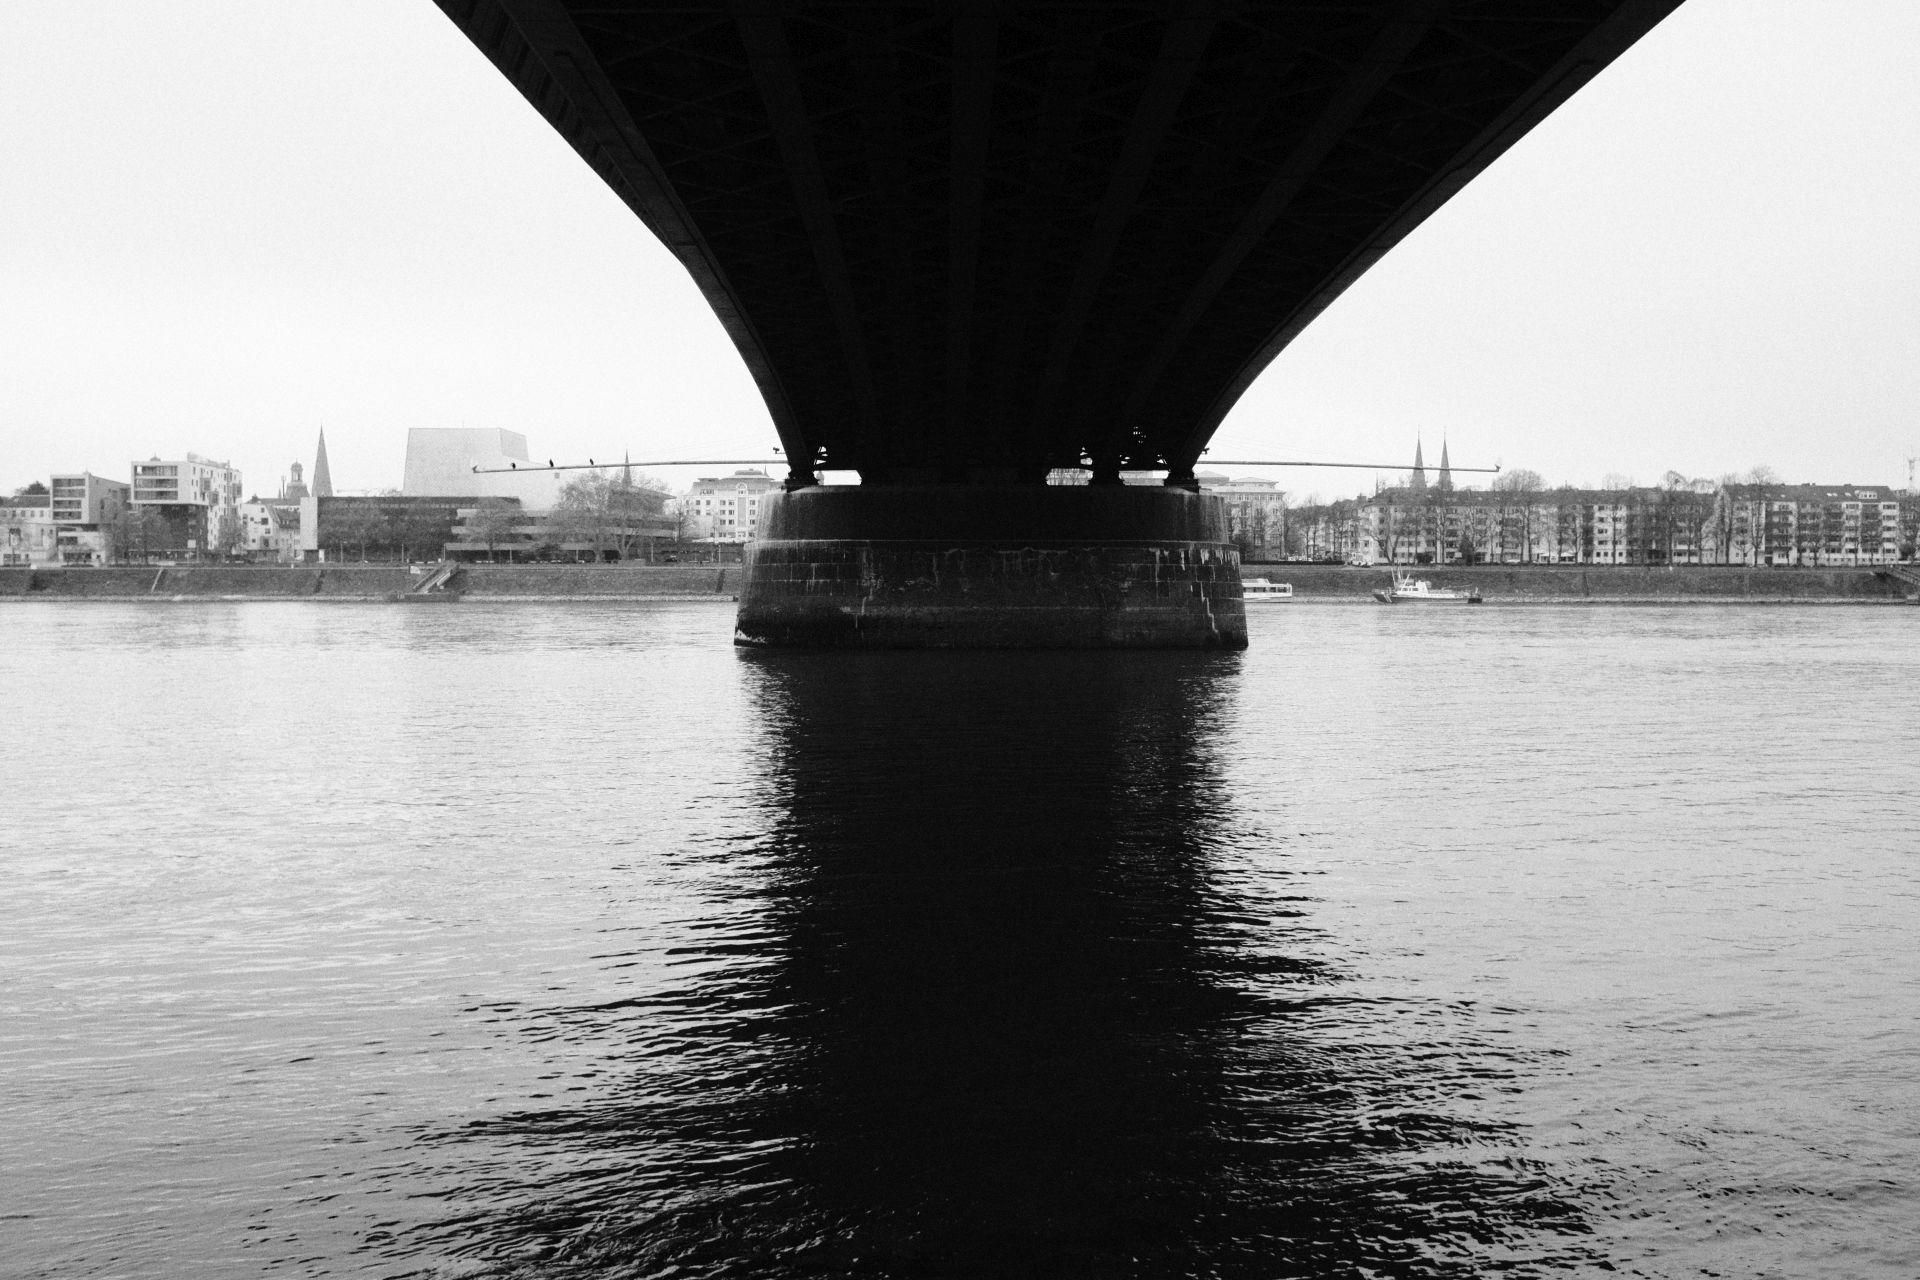 Kennedybrücke 1/4000sec ISO-8000 22mm